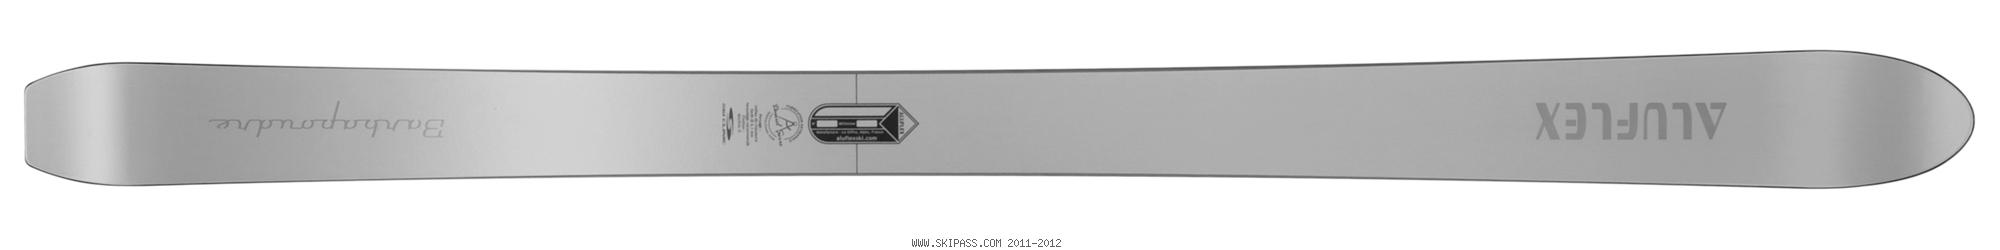 Aluflex Barbapoudre